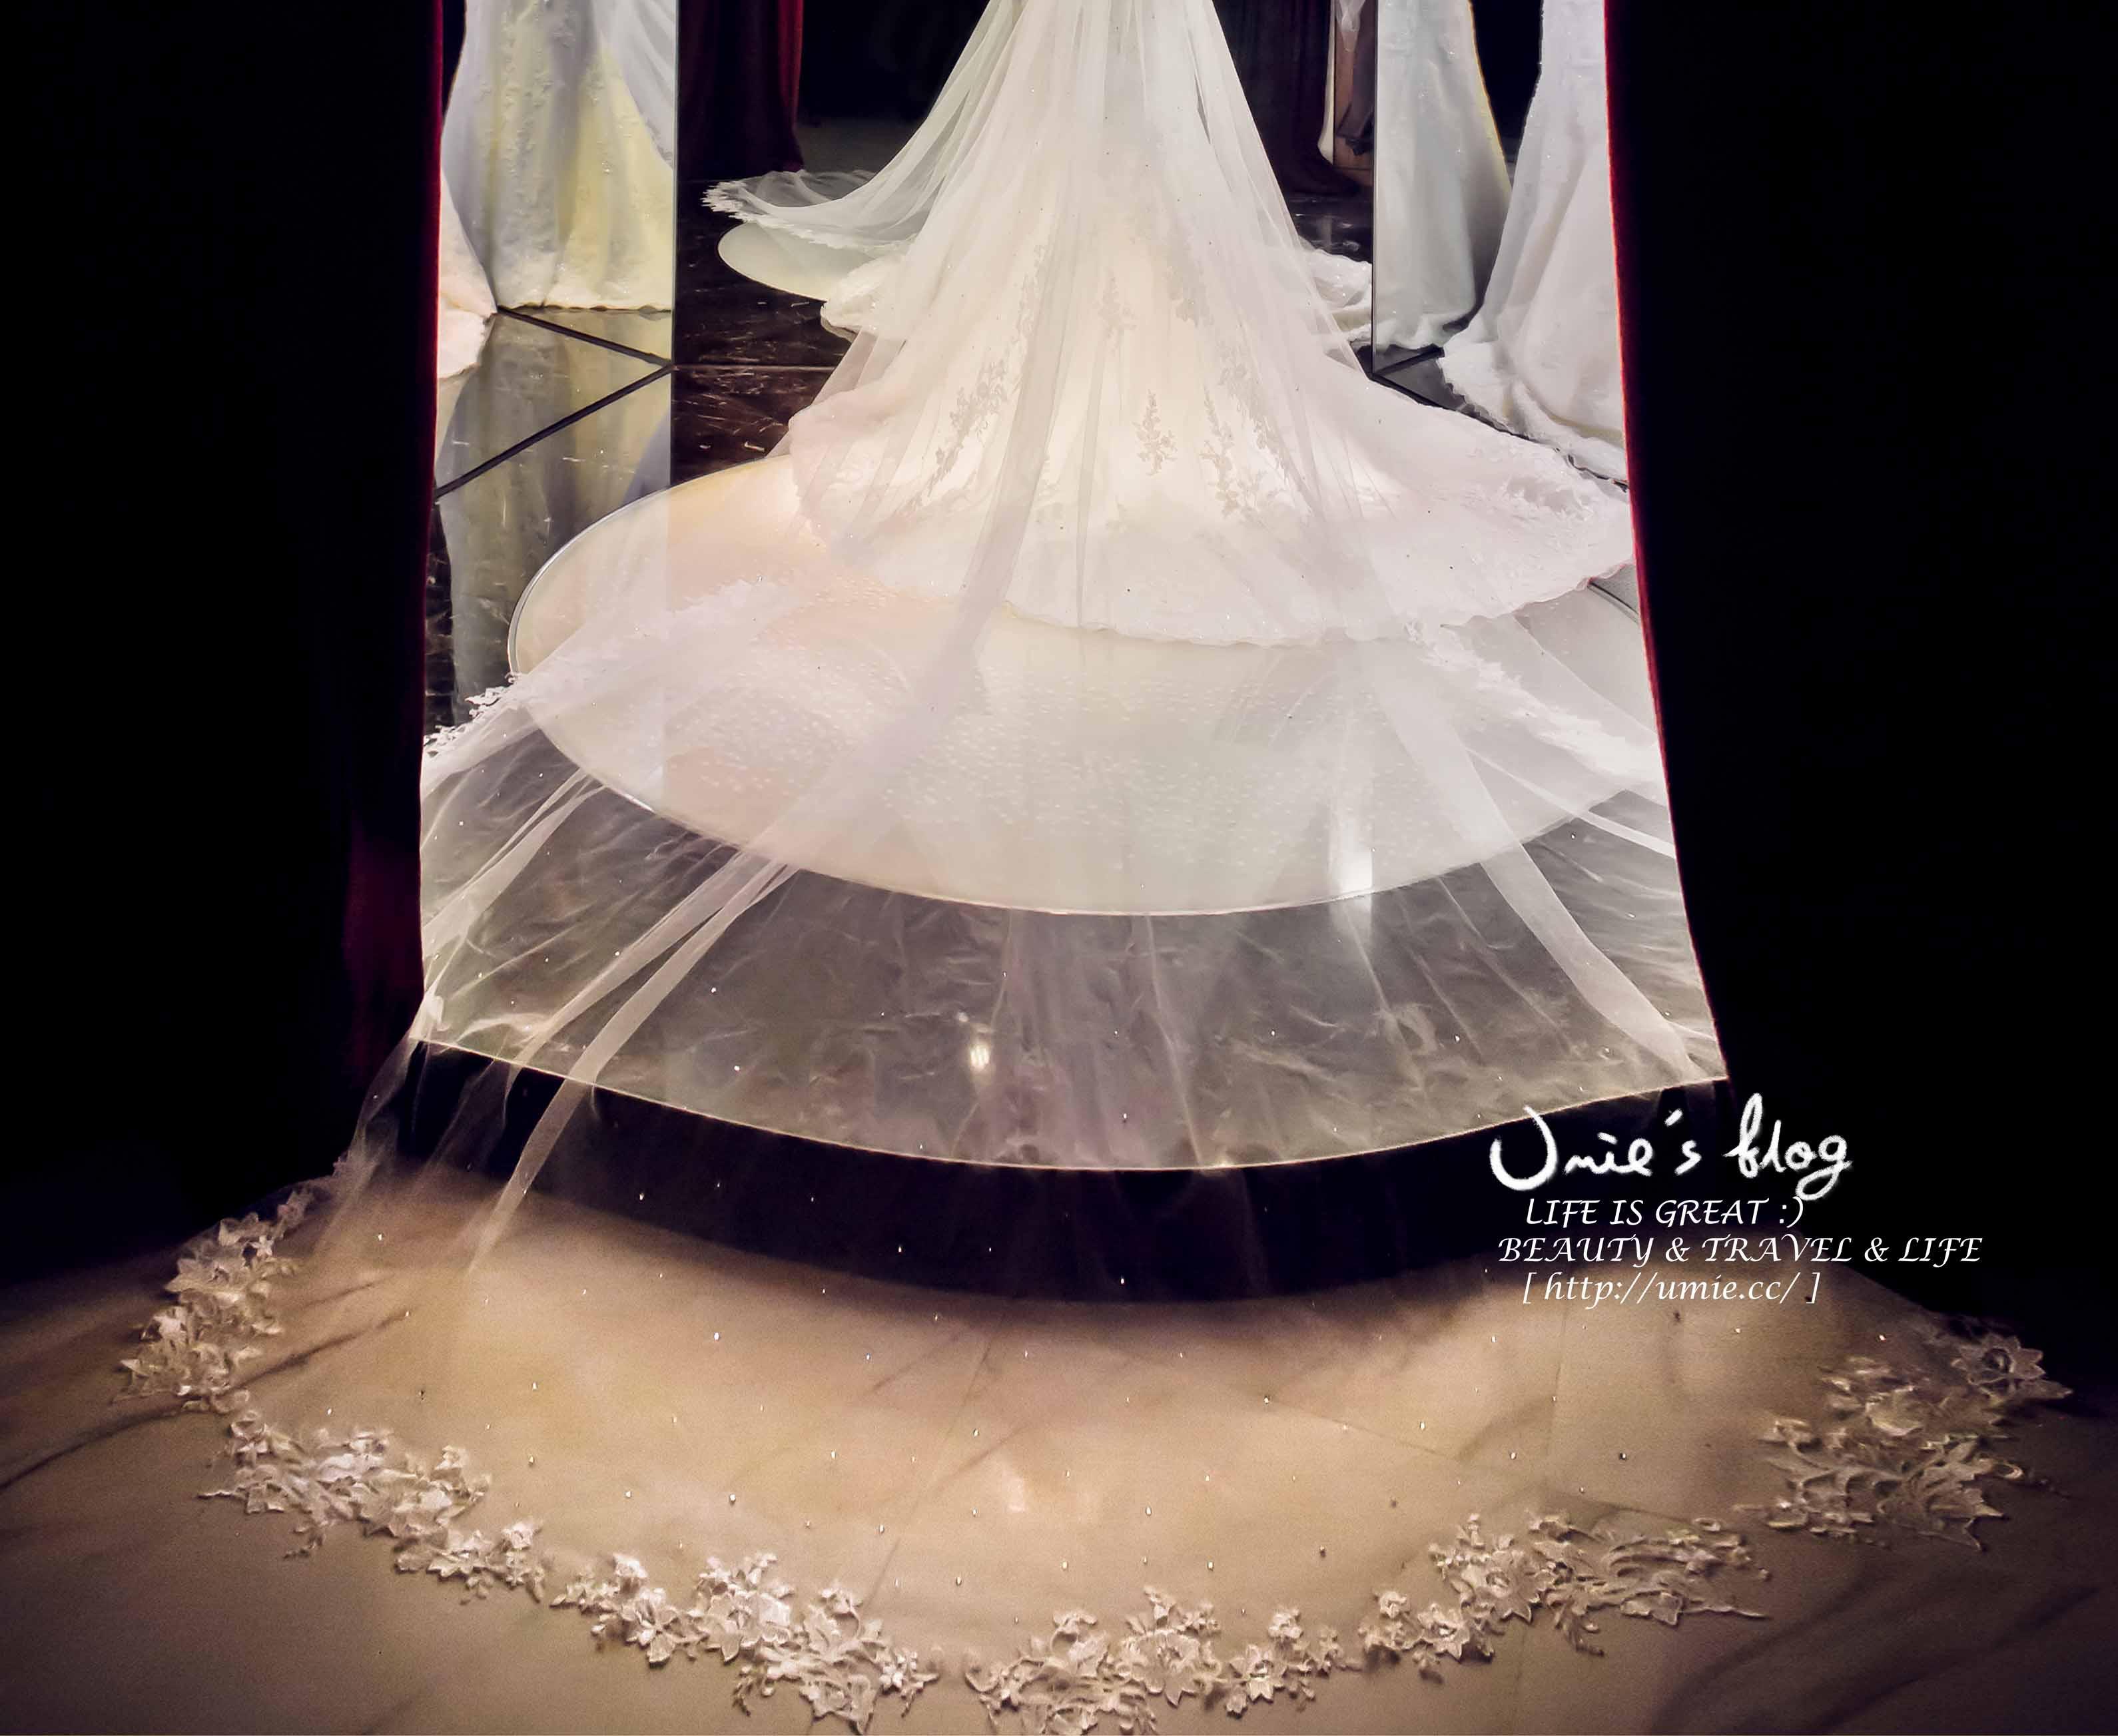 台中 Claire 禮服出租|台中比堤|自助婚紗租借|台中禮服租借|台中婚紗推薦|手工訂製白紗結婚禮服